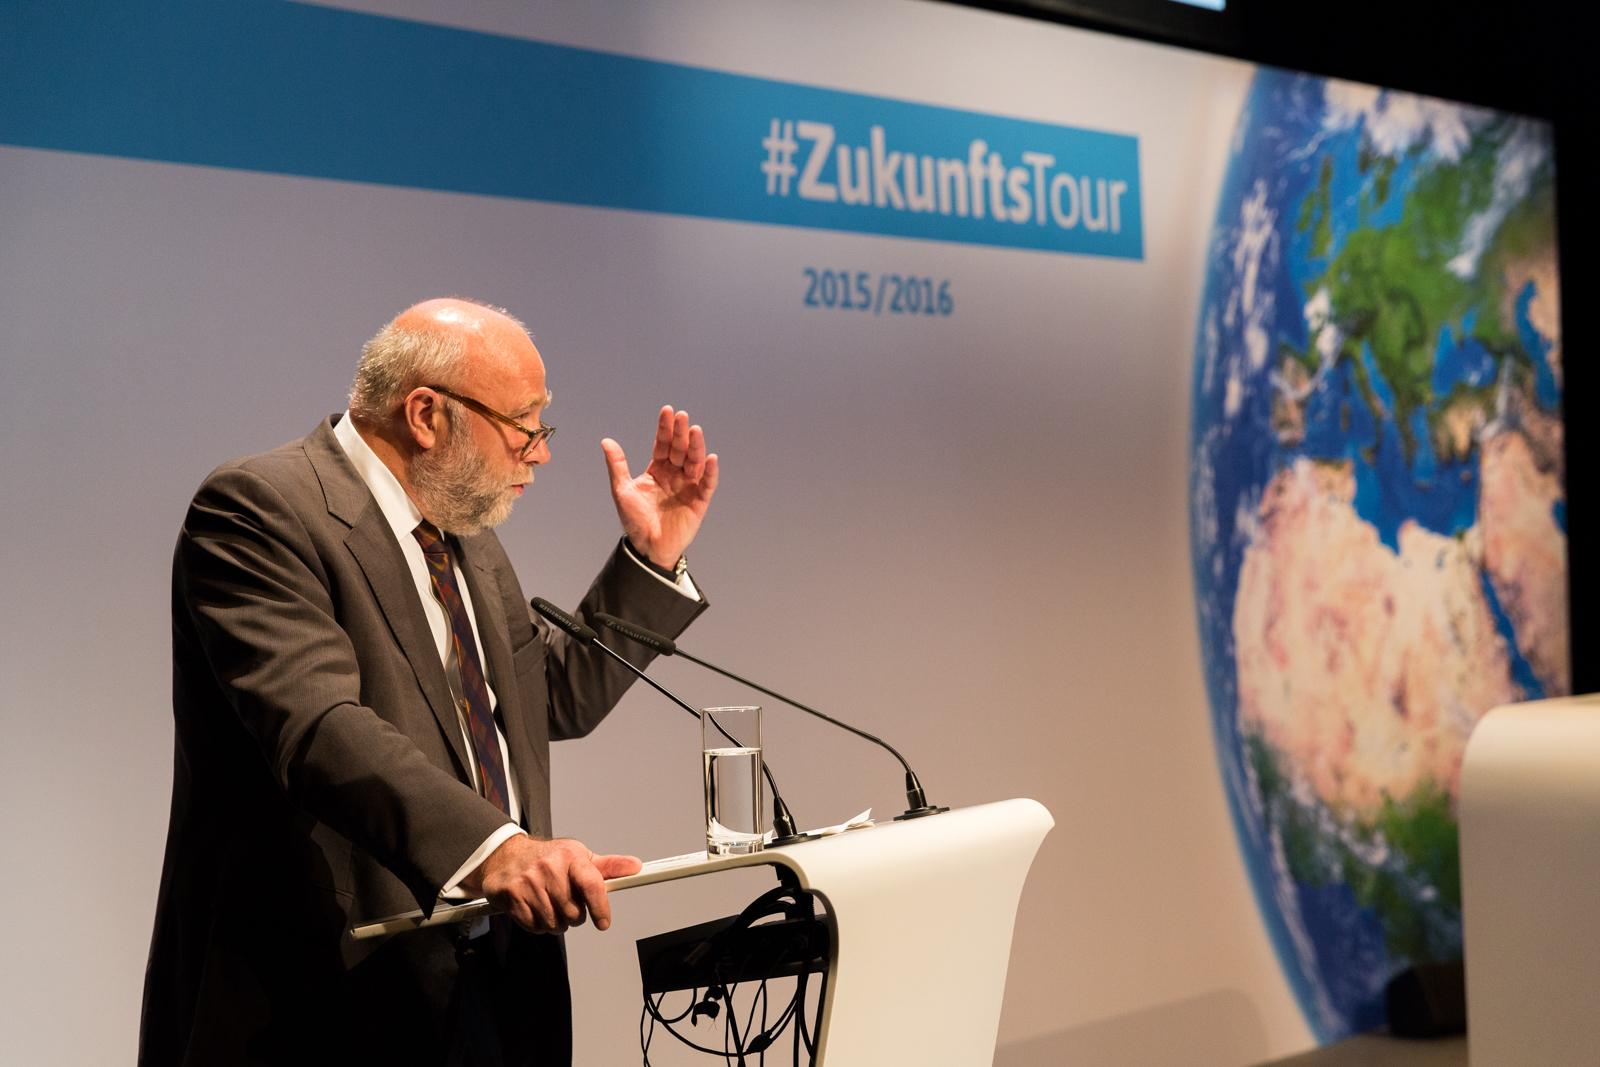 2016 Günter Nooke bei der Zukunftstour in Berlin